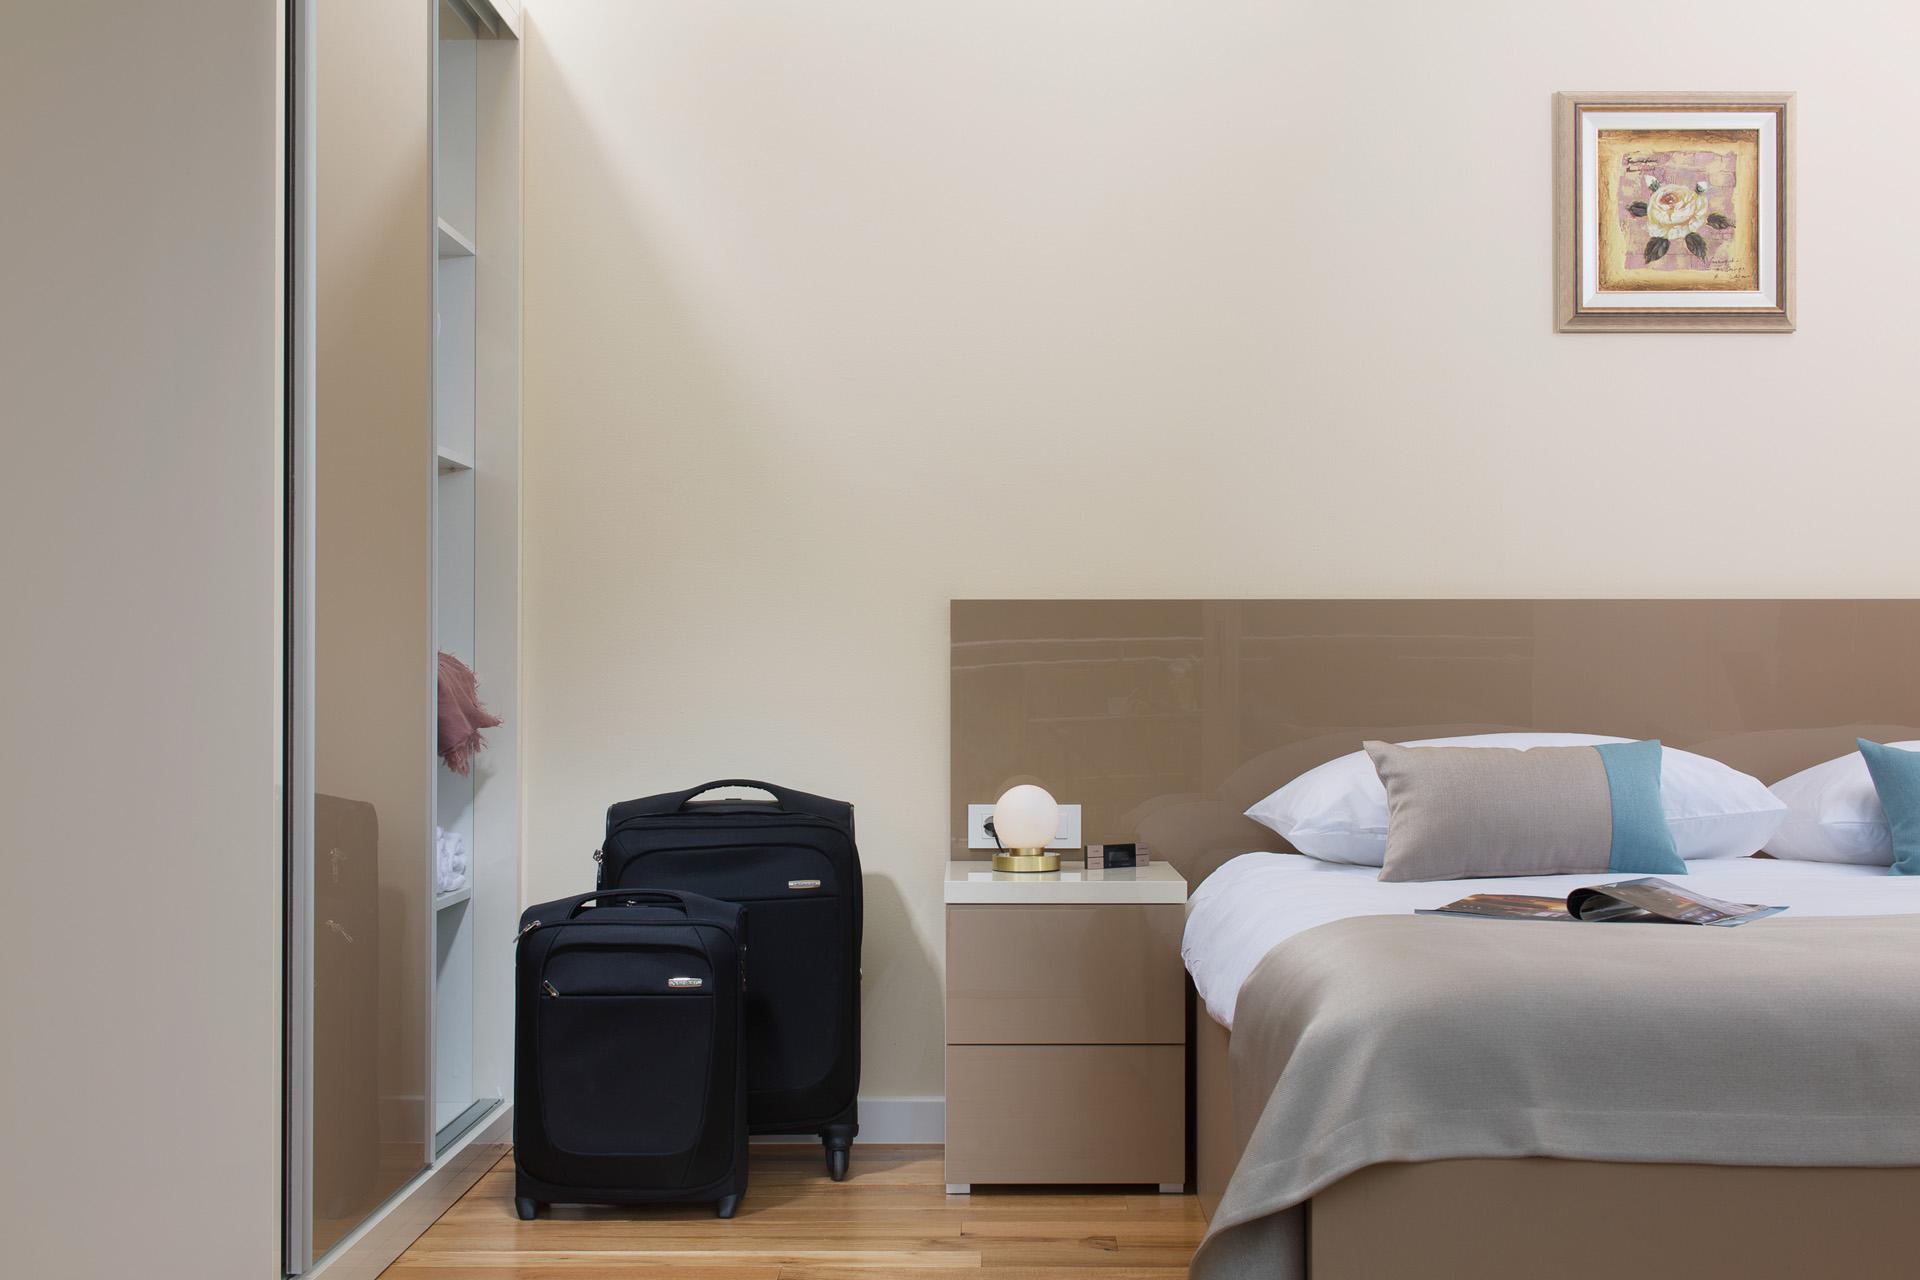 Дизайн спальни 18 кв м с глянцевой мебелью